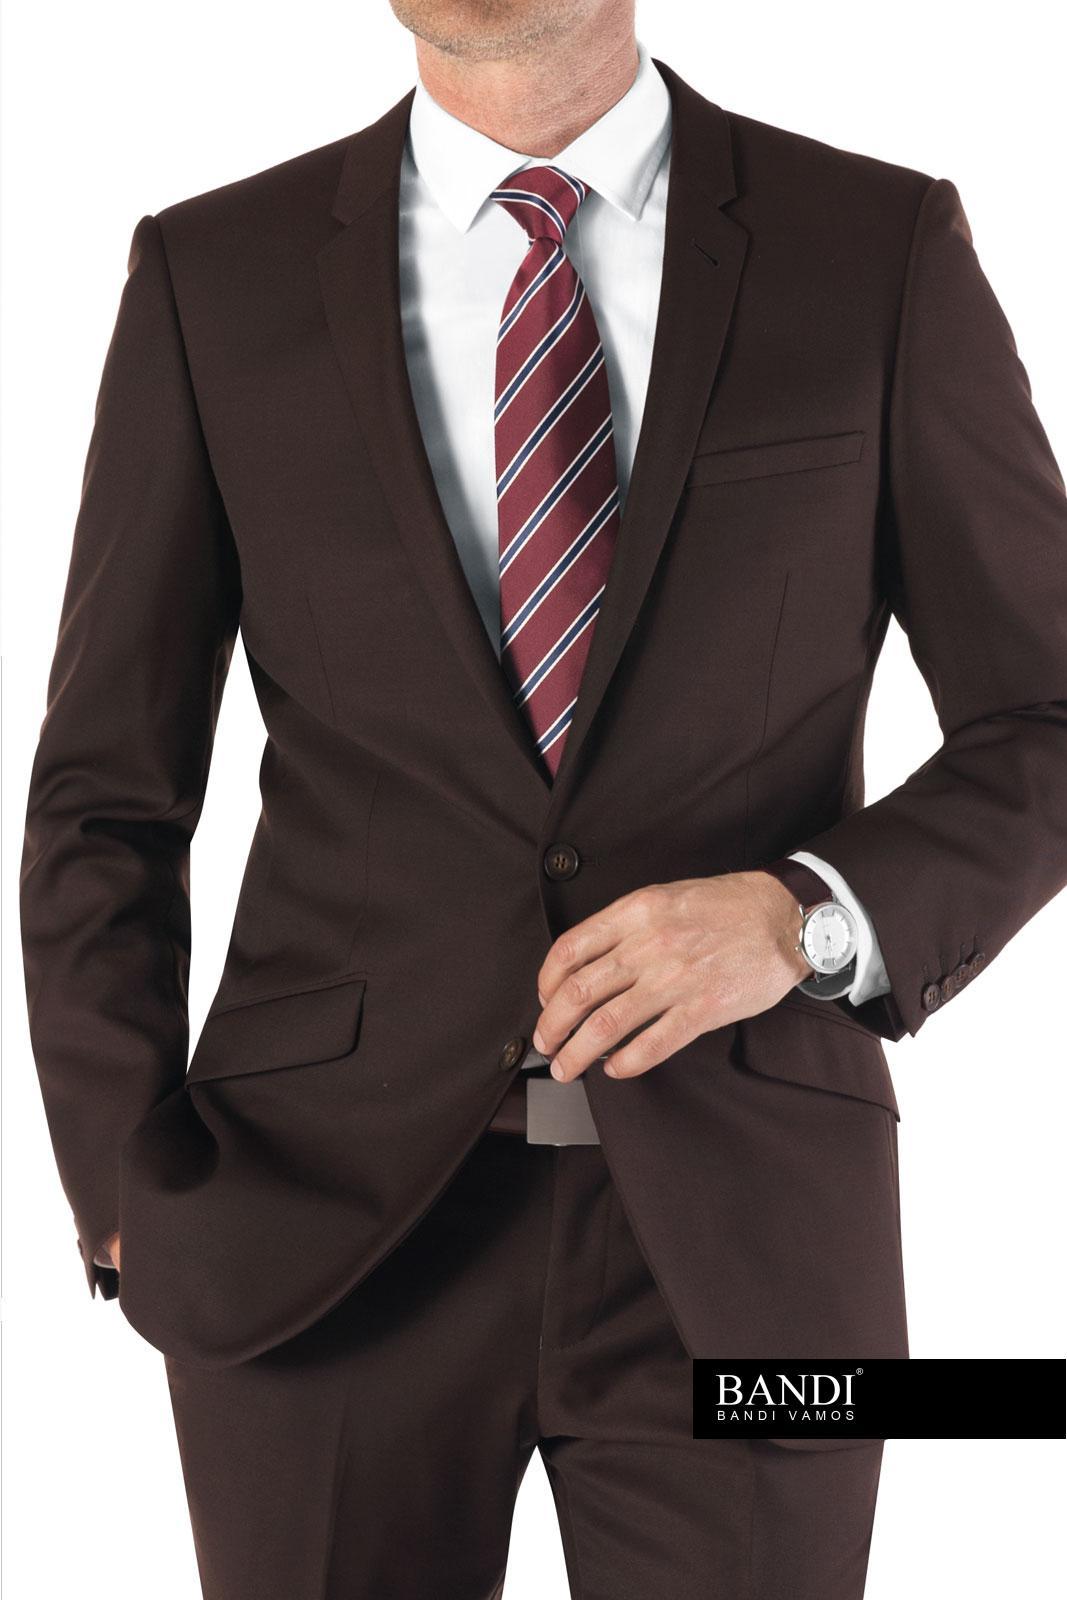 Příklad pracovního outfitu – hnědý oblek a kravata s diagonálními pruhy